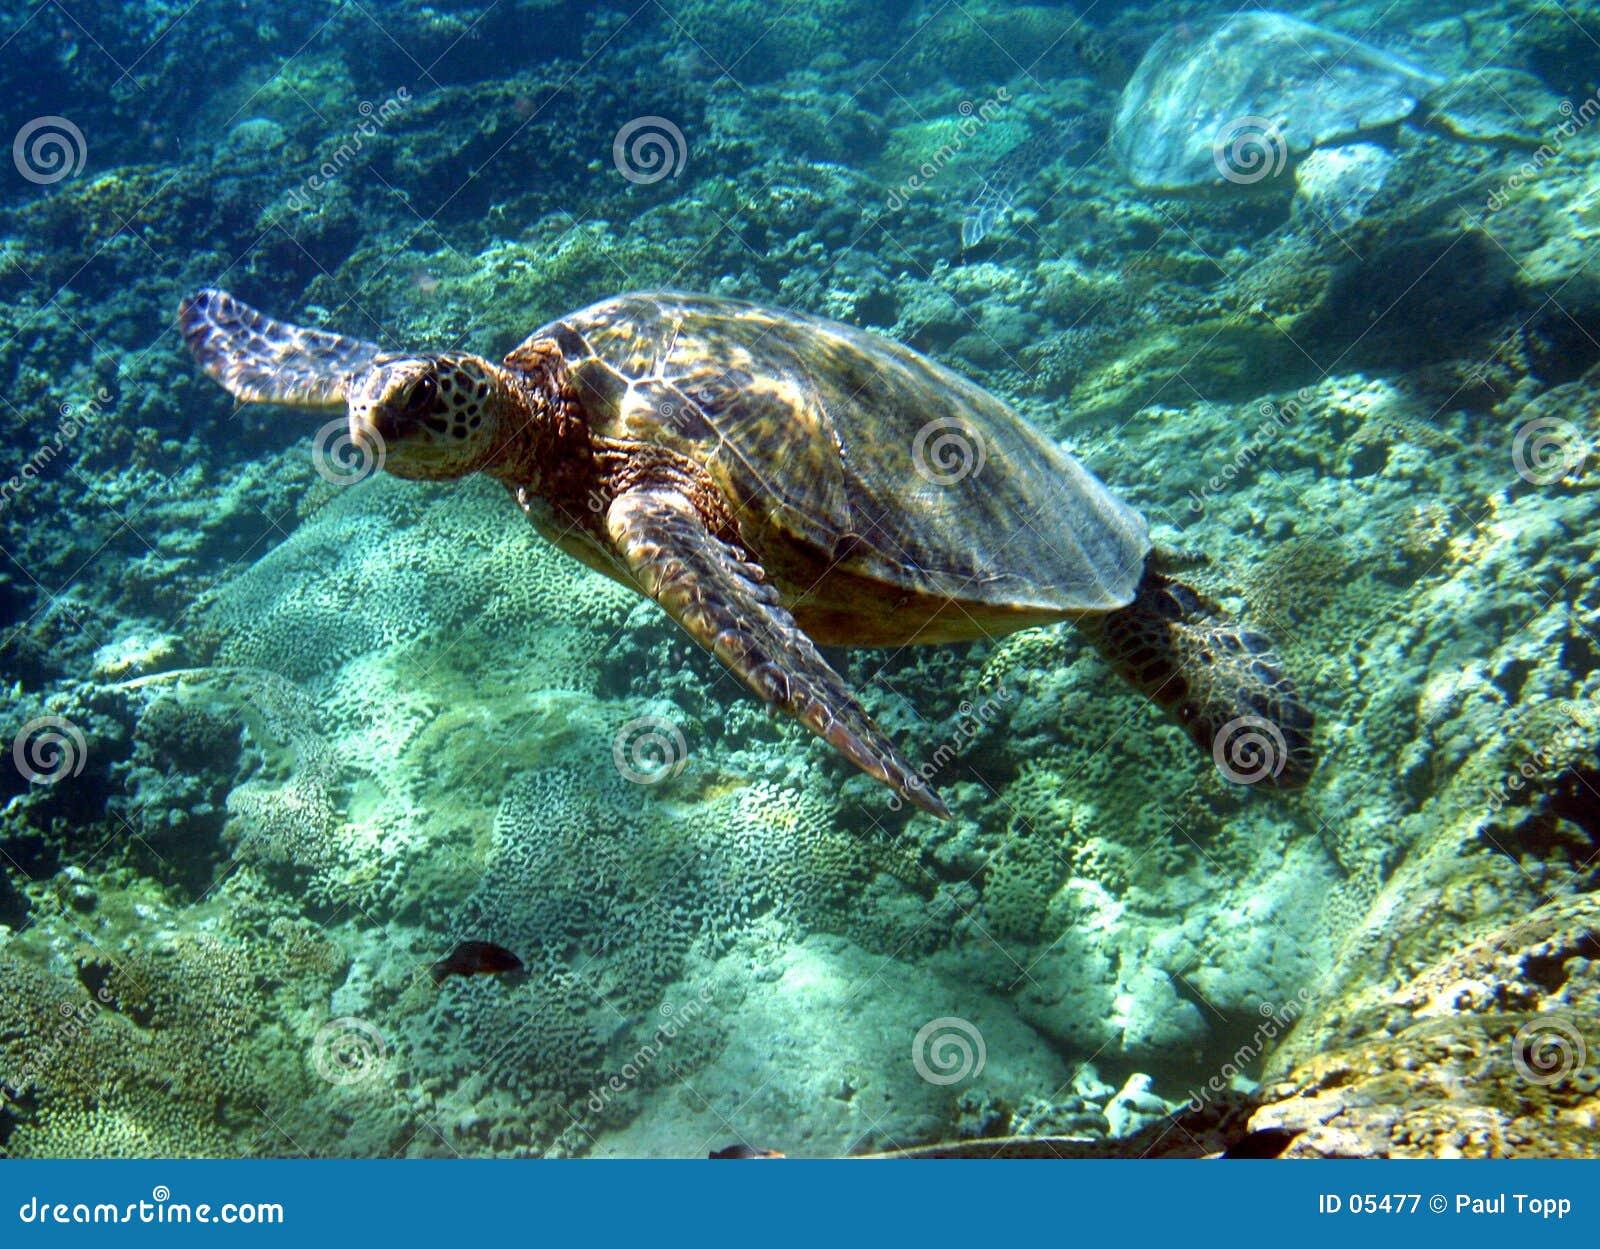 Foto de la tortuga de mar verde